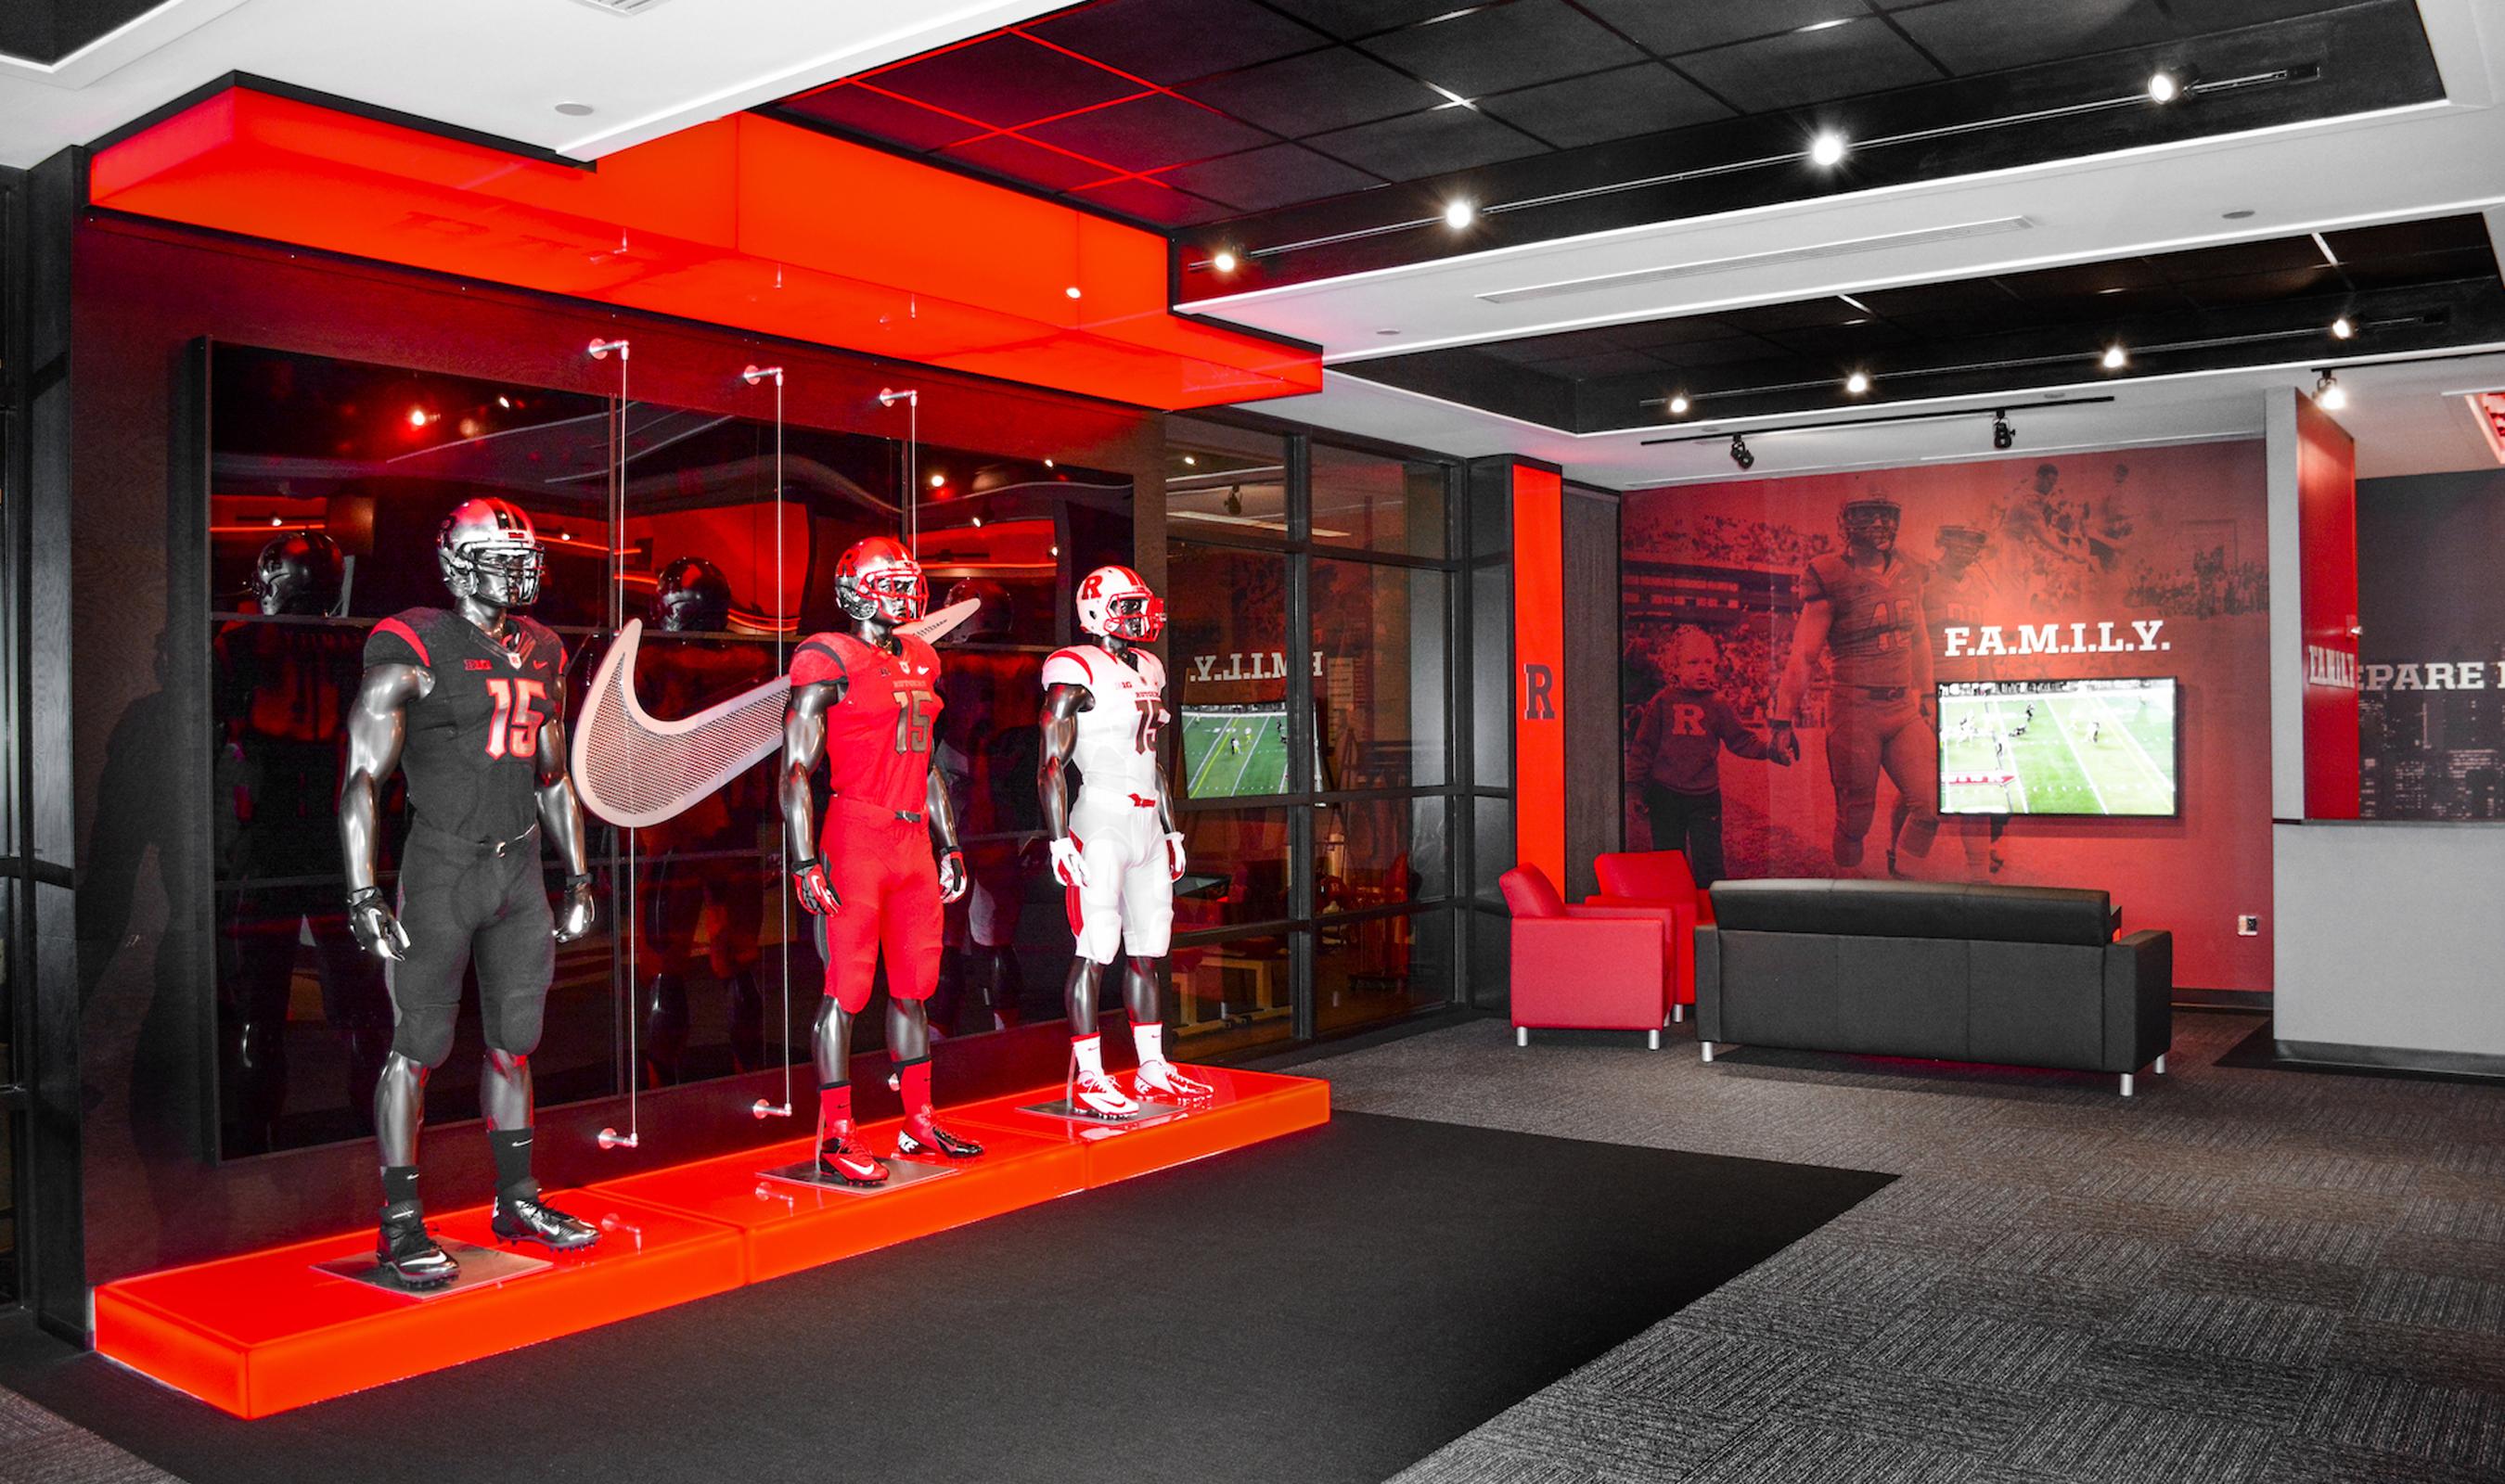 Rutgers University – Hale Center